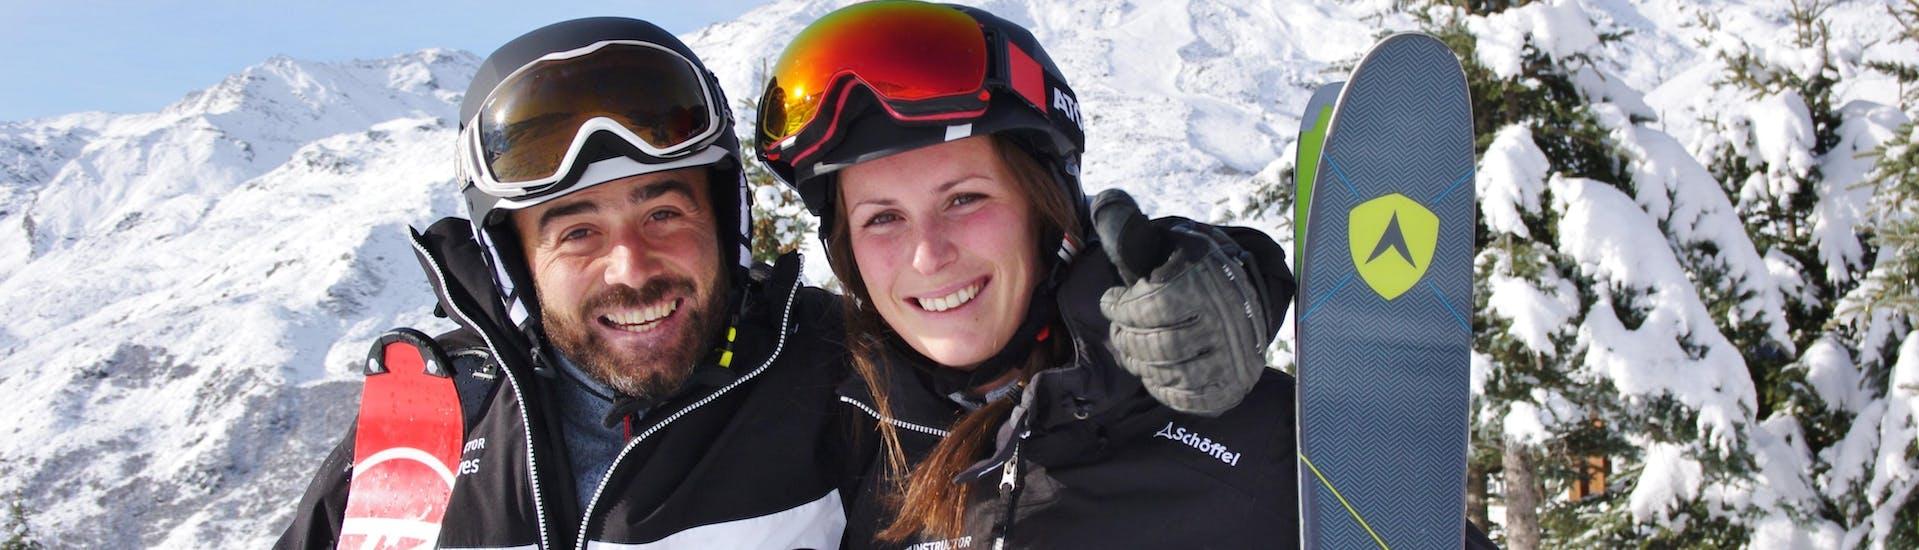 Cours particulier de ski pour Adultes - Tous niveaux avec Ski School Les Menuires - Hero image